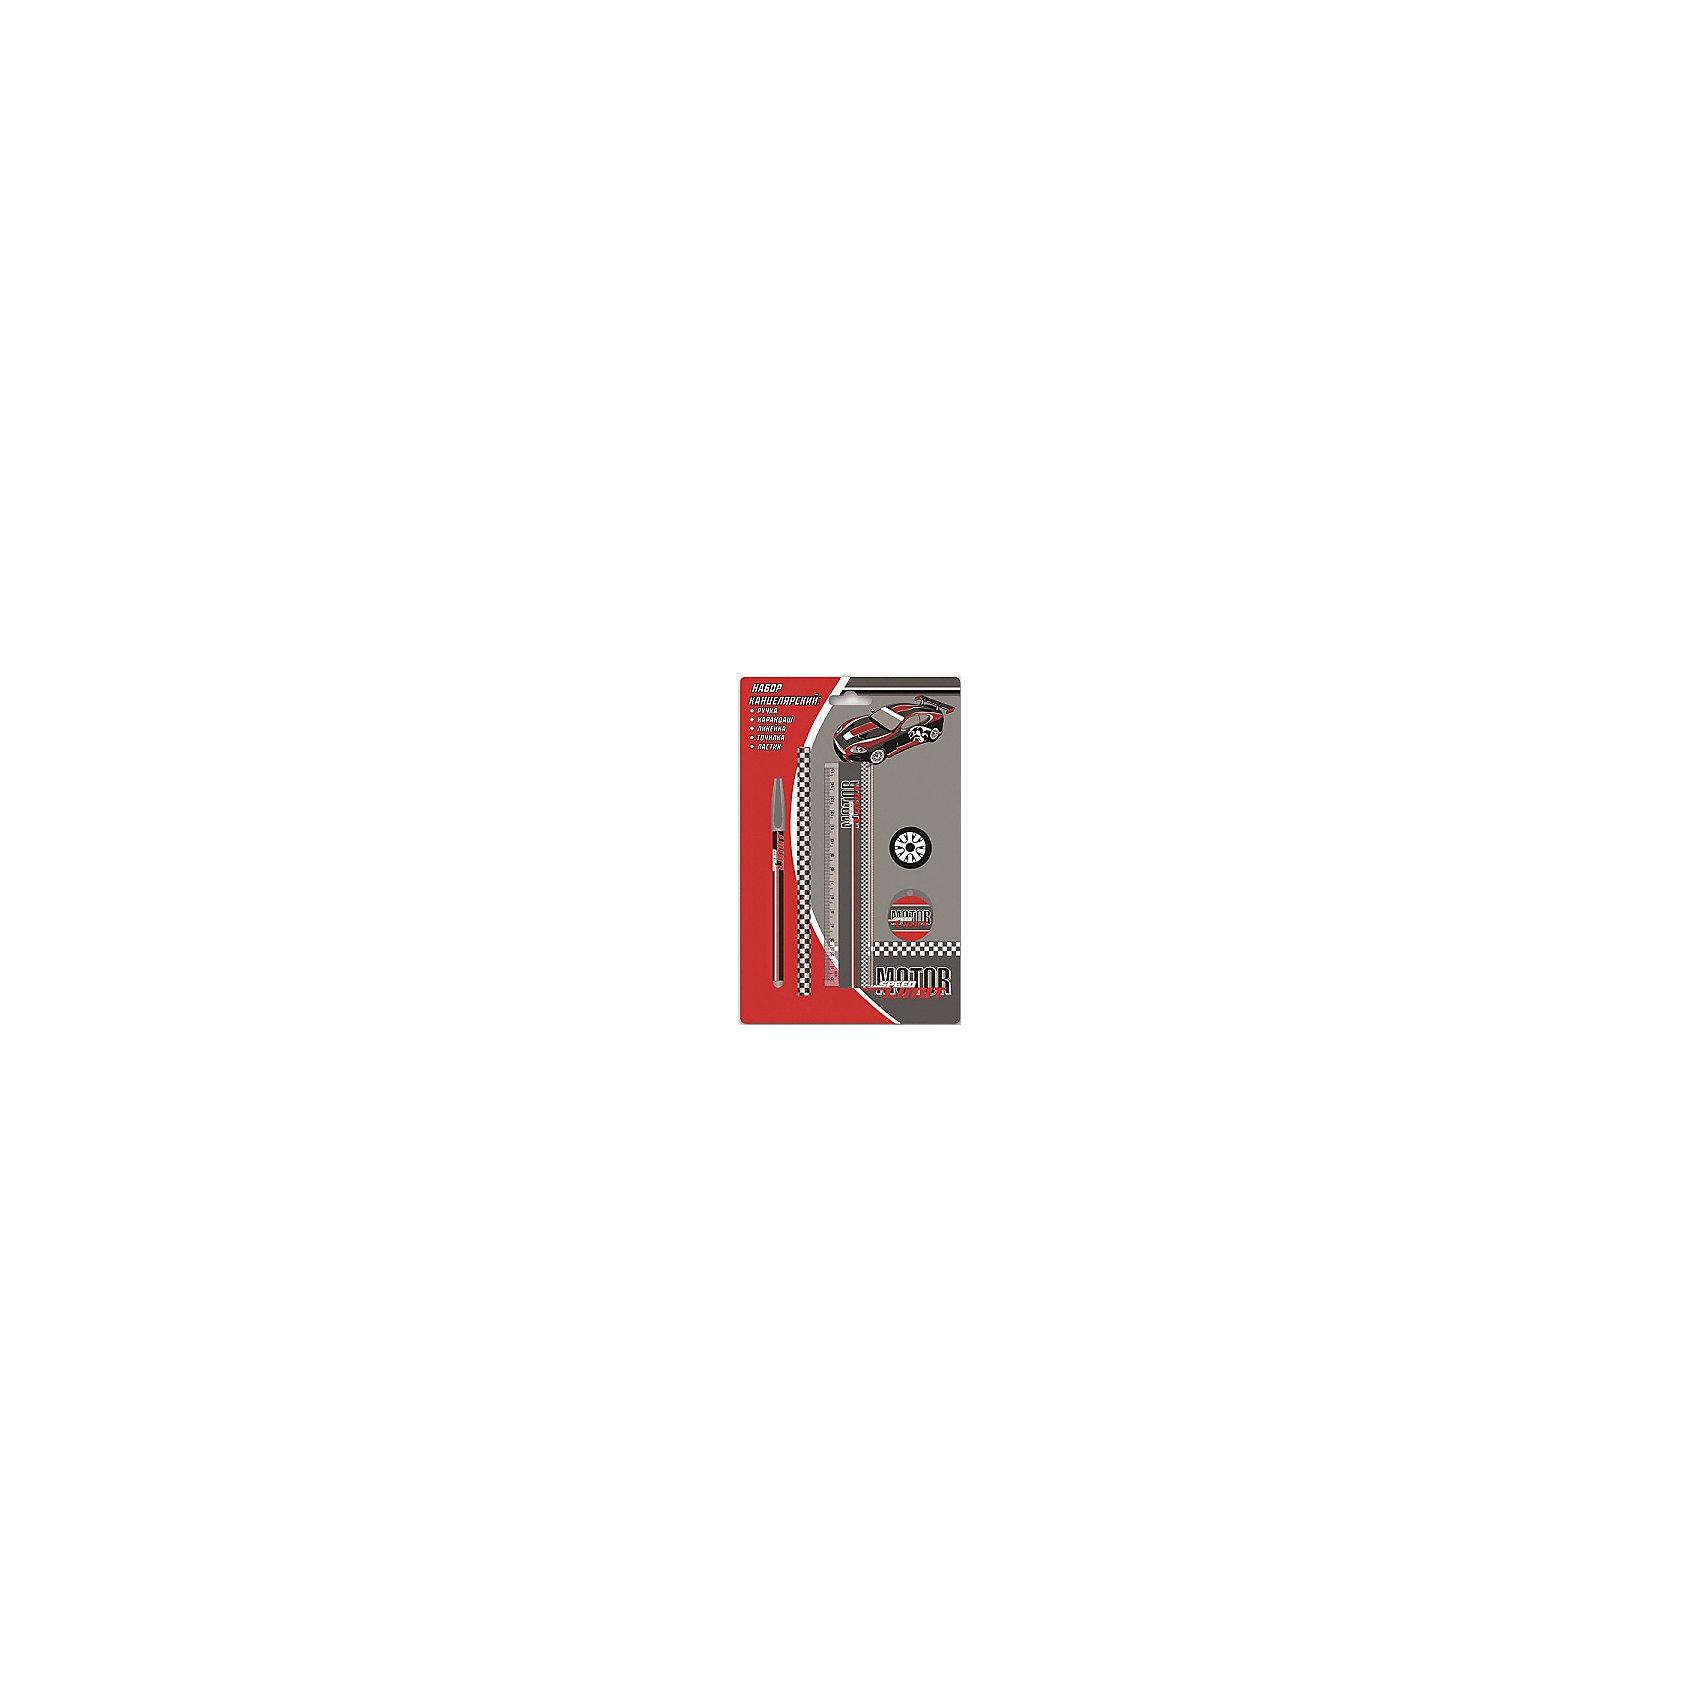 Канцелярский набор Авто Феникс+Школьные аксессуары<br>Канцелярский набор в блистере АВТО (1 ручка шарик. (синяя), 1 ластик диаметром 35мм, 1 точилка для карандашей диаметром 35мм, 1 пластиковая линейка длиной 150 мм, 1 круглый заточенный чернографитный карандаш в древесной оболочке твердости HB)<br><br>Ширина мм: 245<br>Глубина мм: 155<br>Высота мм: 20<br>Вес г: 65<br>Возраст от месяцев: 72<br>Возраст до месяцев: 144<br>Пол: Унисекс<br>Возраст: Детский<br>SKU: 4746261